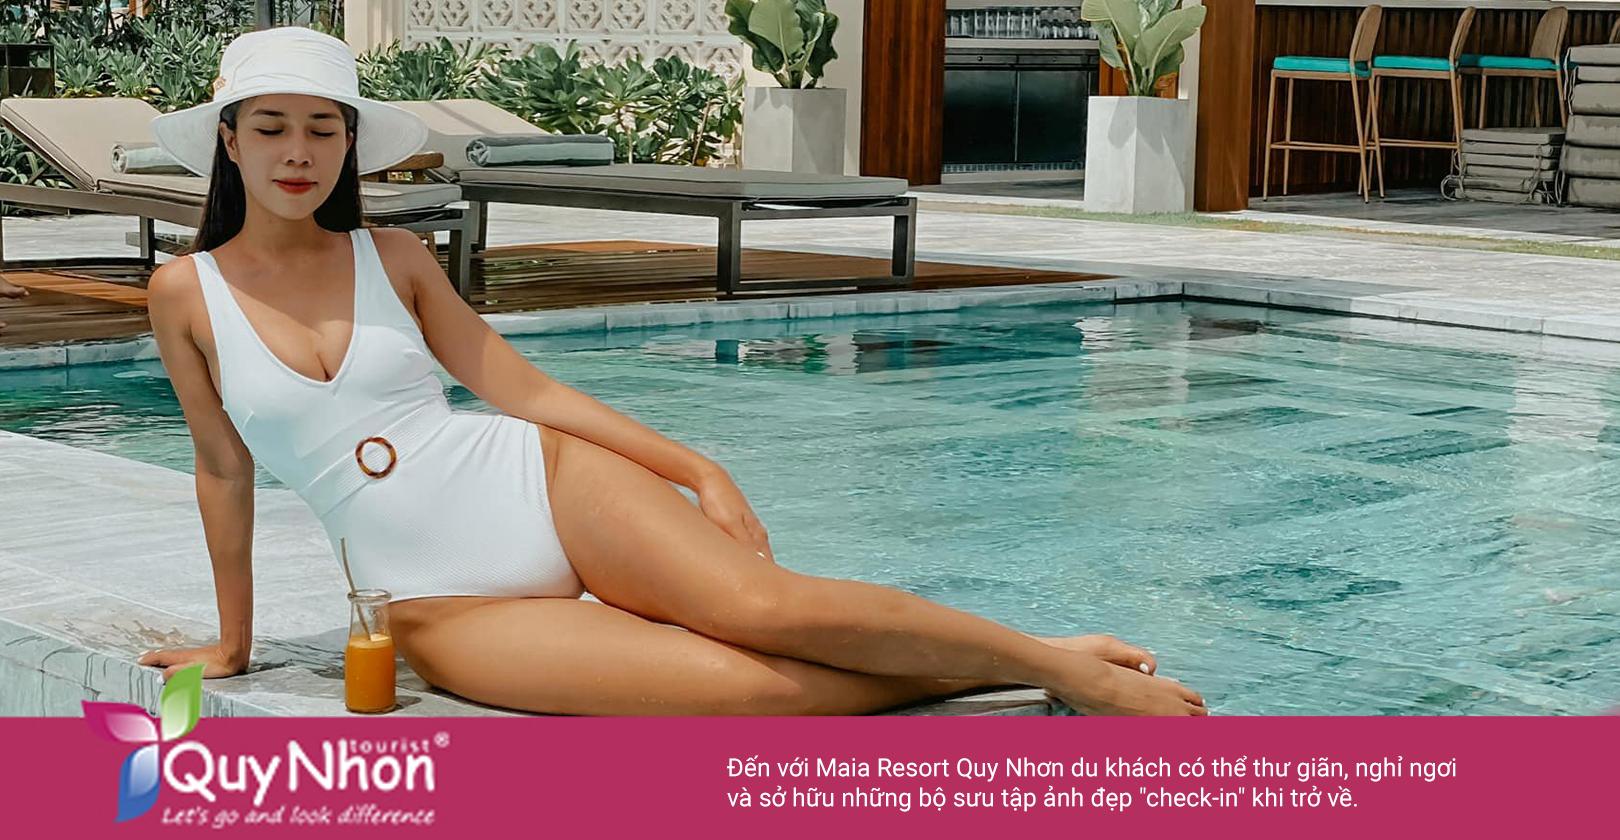 """Đến với Maia Resort Quy Nhơn du khách có thể thư giãn, nghỉ ngơi và sở hữu những bộ sưu tập ảnh đẹp """"check-in"""" khi trở về - Ảnh: Maia Resort Quy Nhon"""